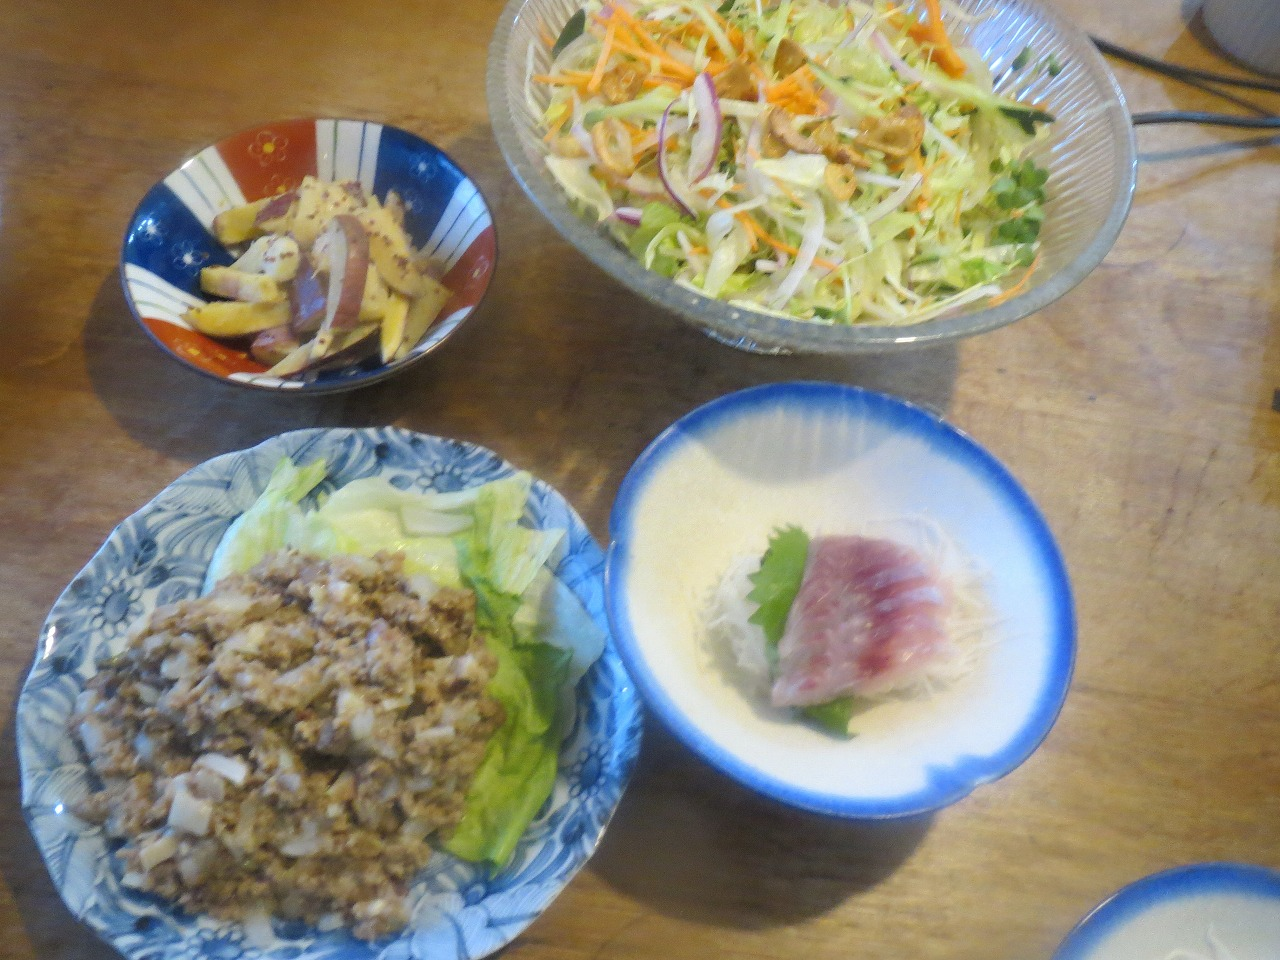 挽き肉の炒めもの、いさき、サラダ、さつまいも